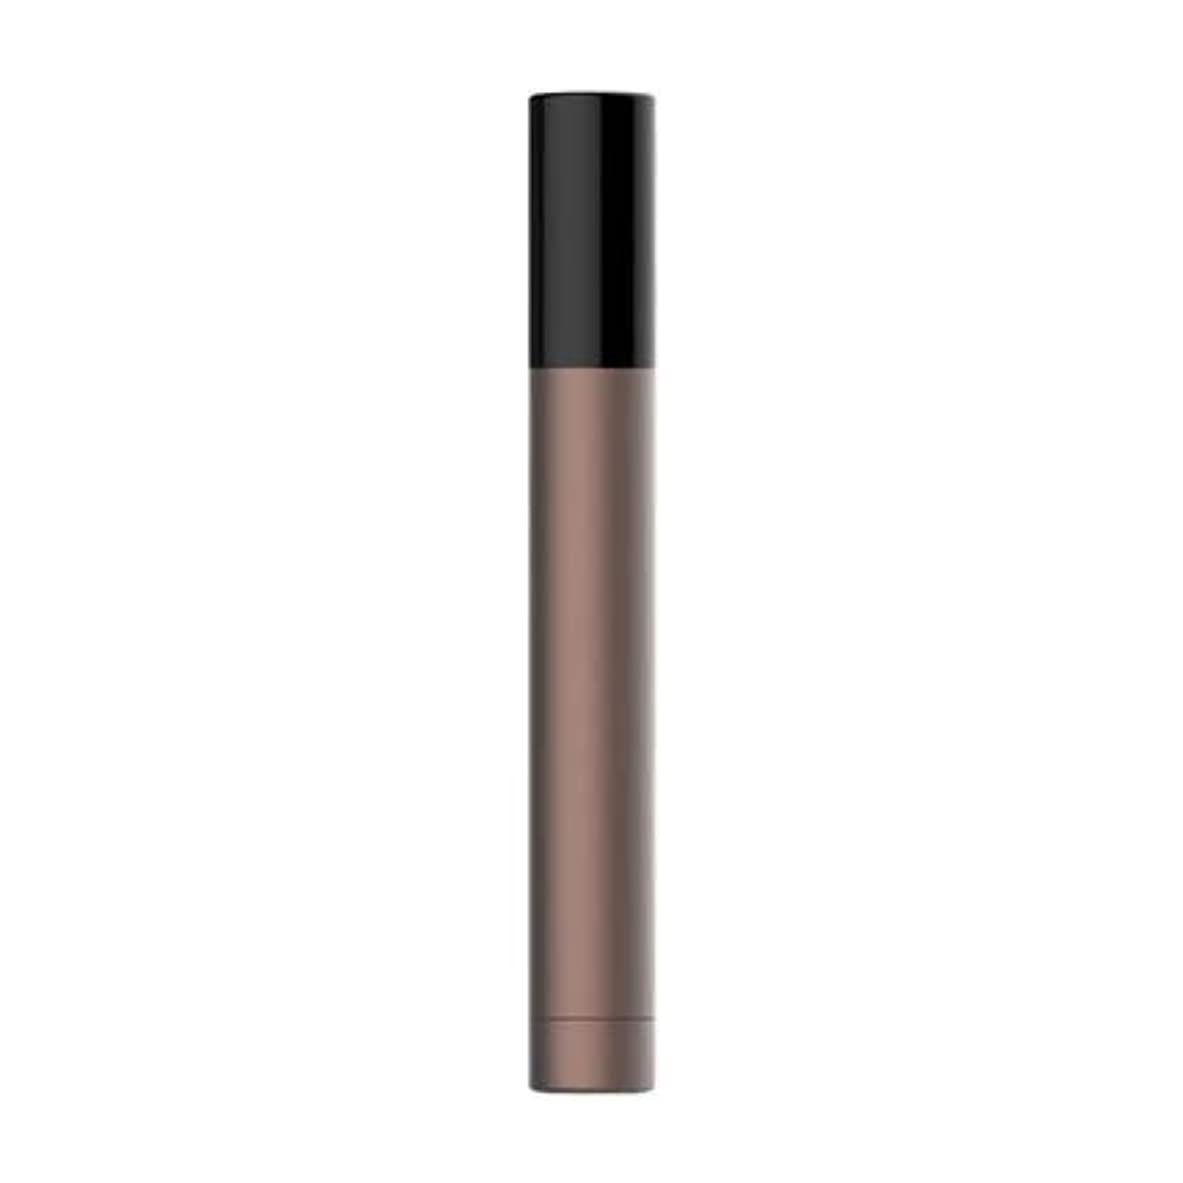 くまはねかけるかかわらず鼻毛トリマーシール防水効果電池式シングルカッターヘッドシャープで耐久性のあるカット短いカットなし隠しスイッチ合金ボディ陽極酸化作成